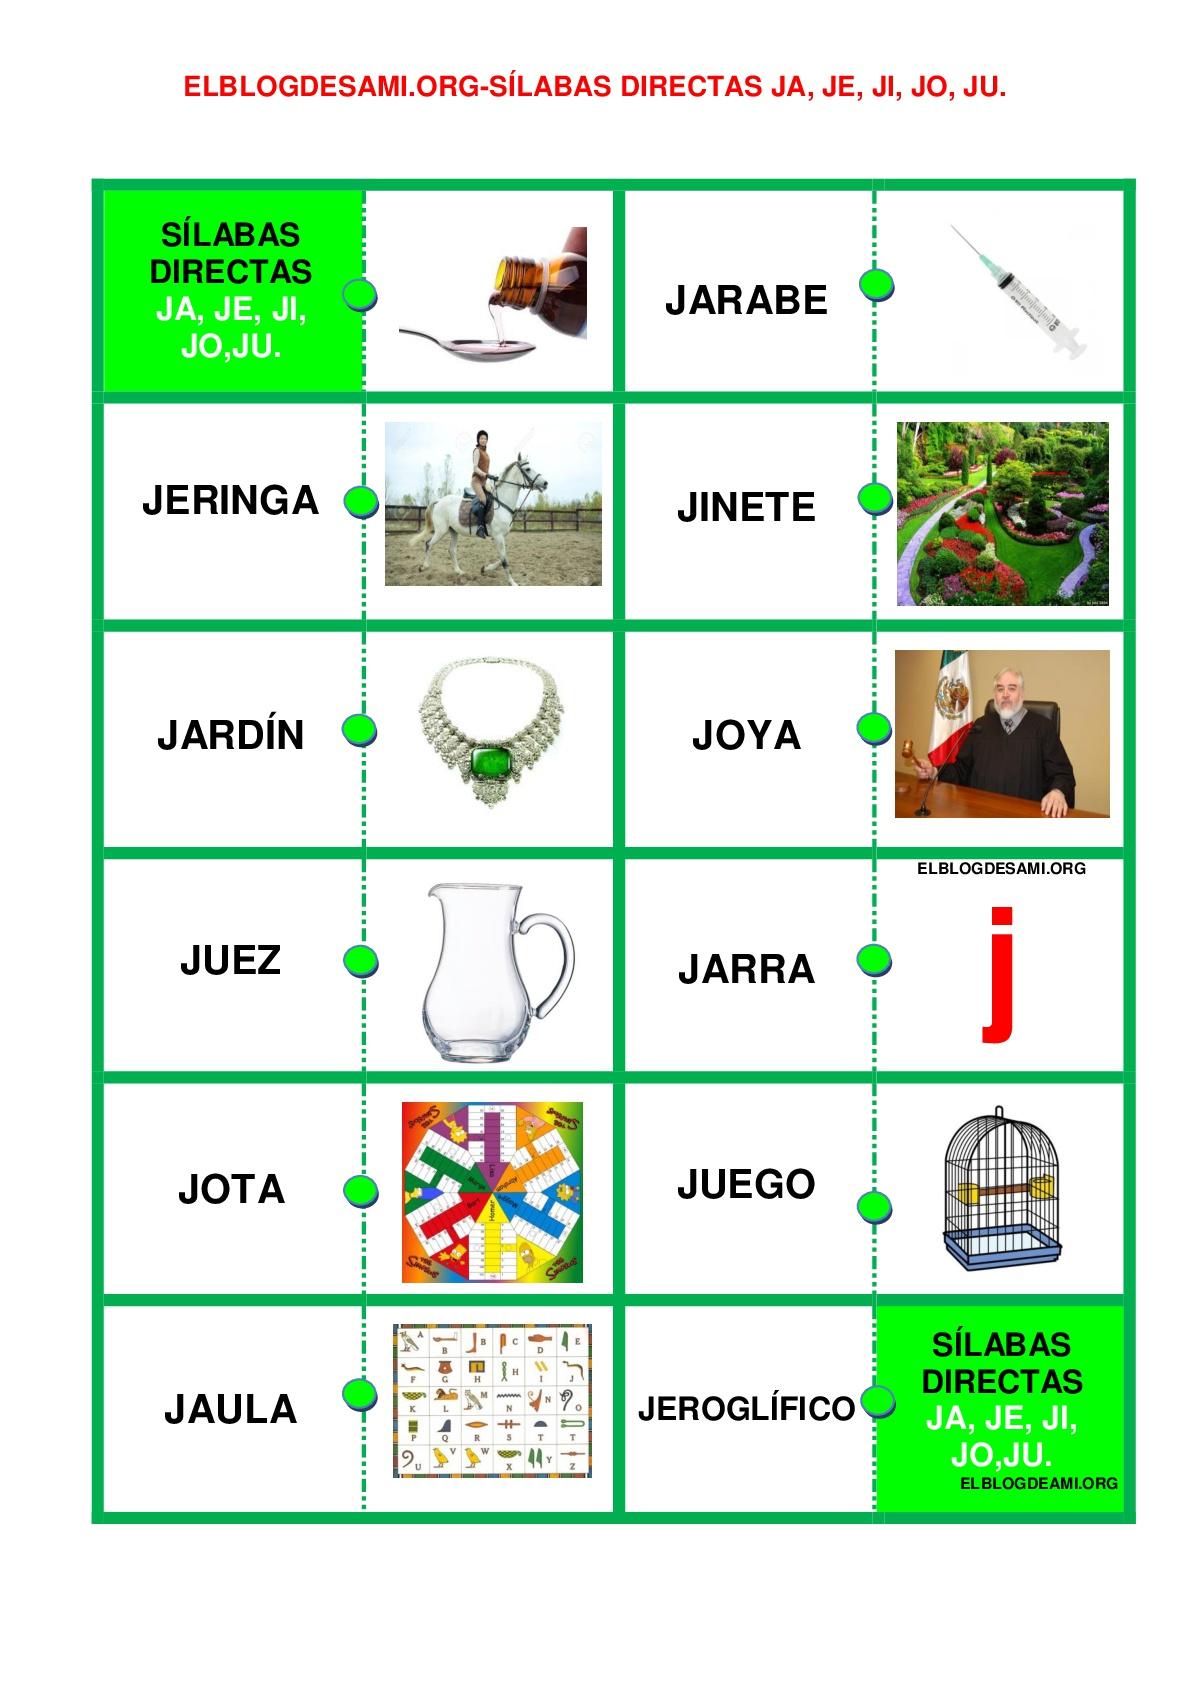 Imagenes Con Ja Je Ji Jo Ju